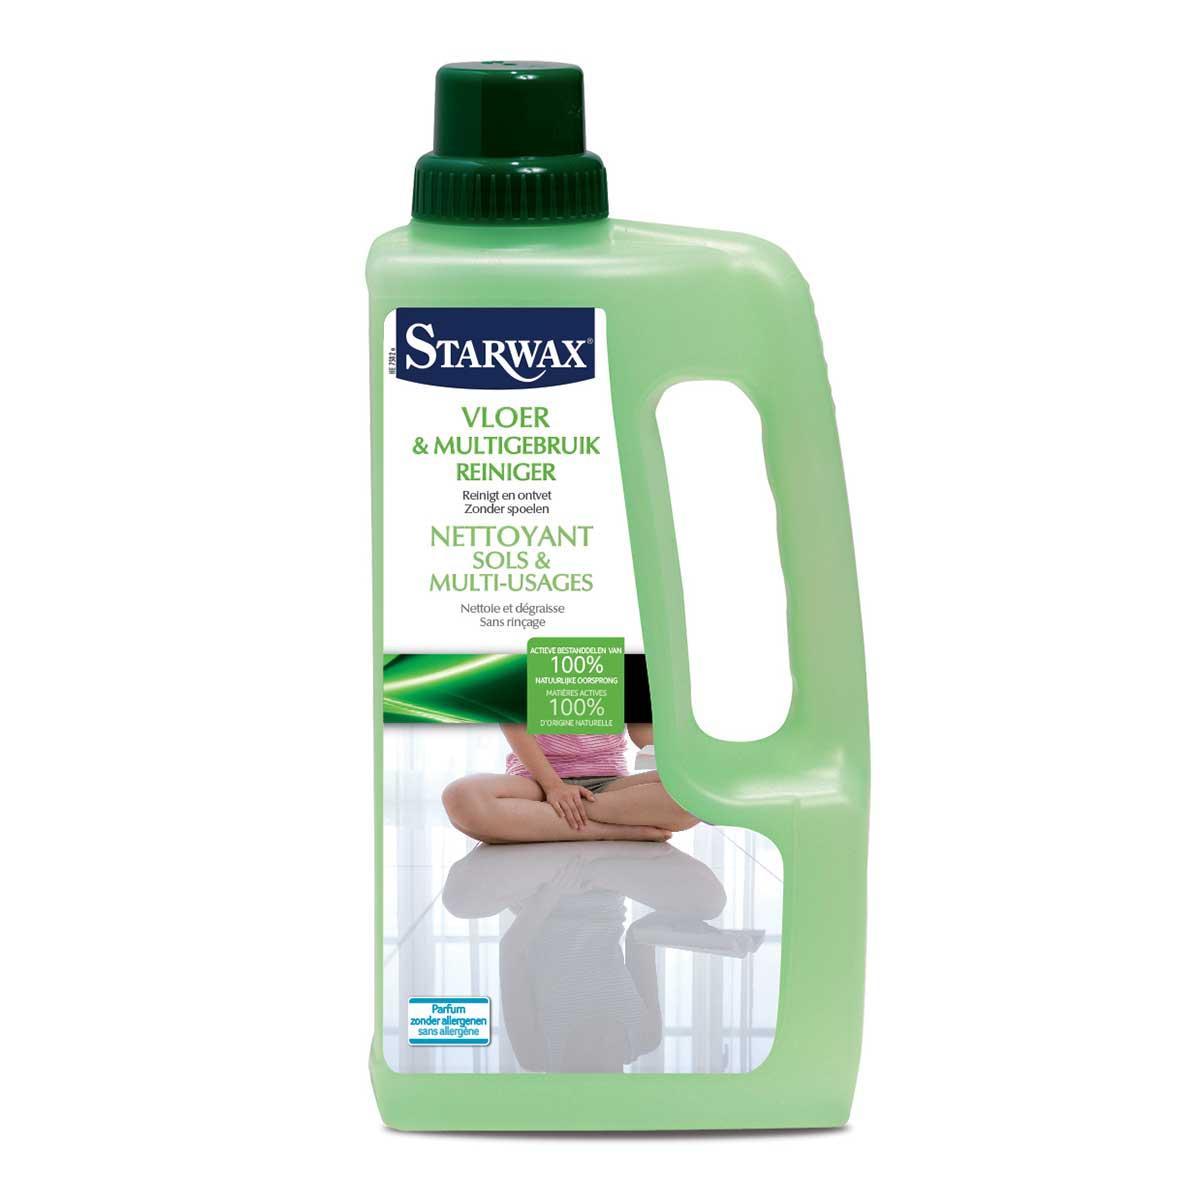 Vloer multigebruik reiniger actieve bestanddelen van 100% natuurlijke oorsprong - Starwax